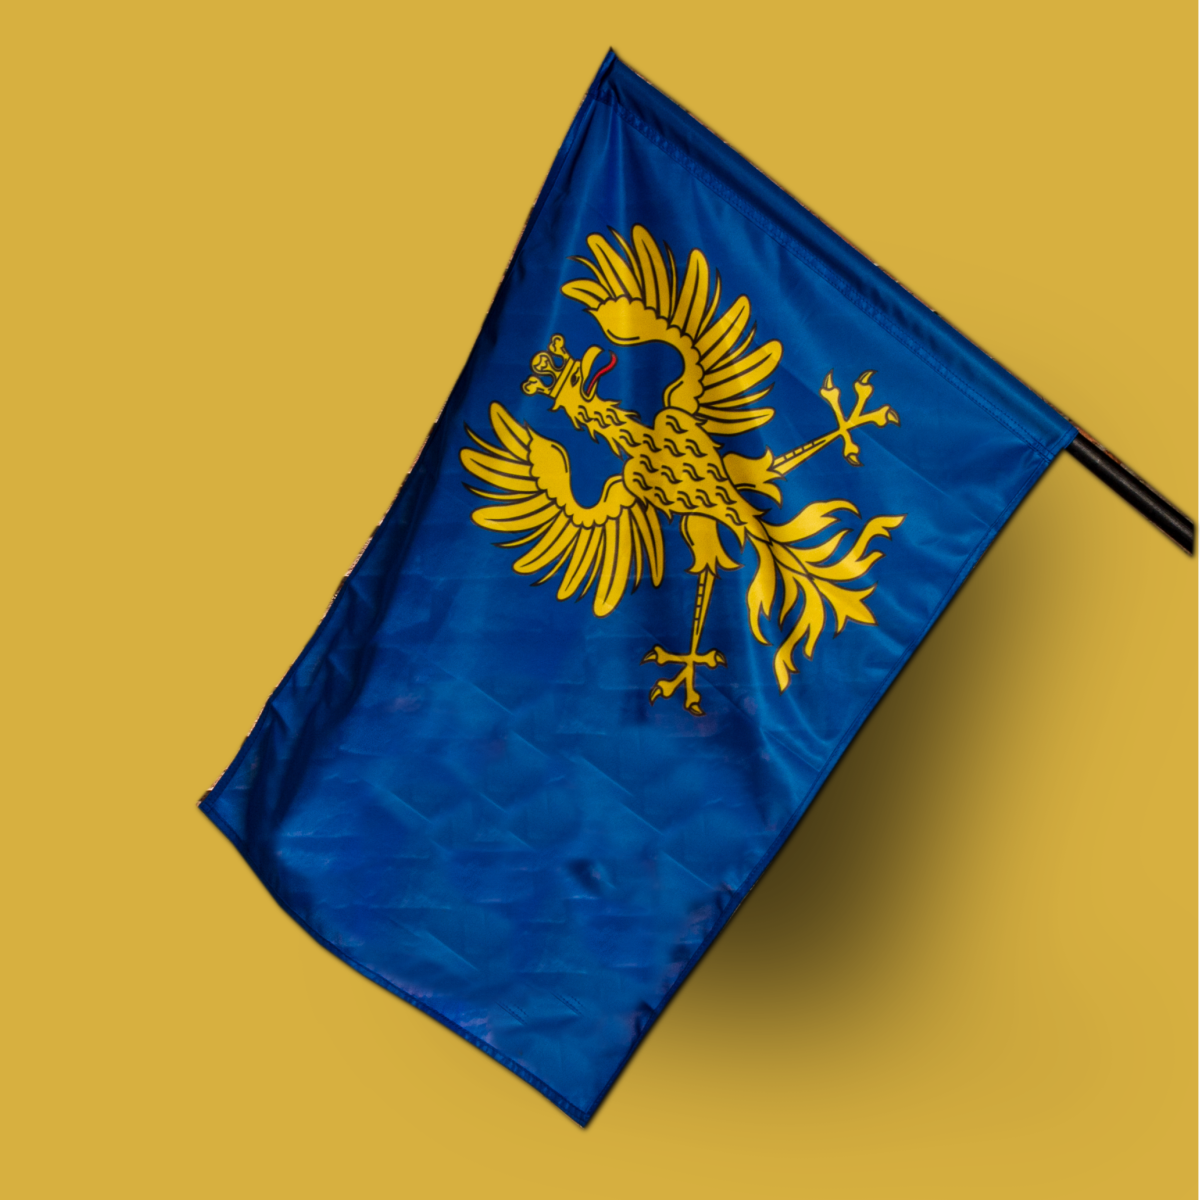 Flaga Księstwa Cieszyńskiego elewacyjna/ masztowa